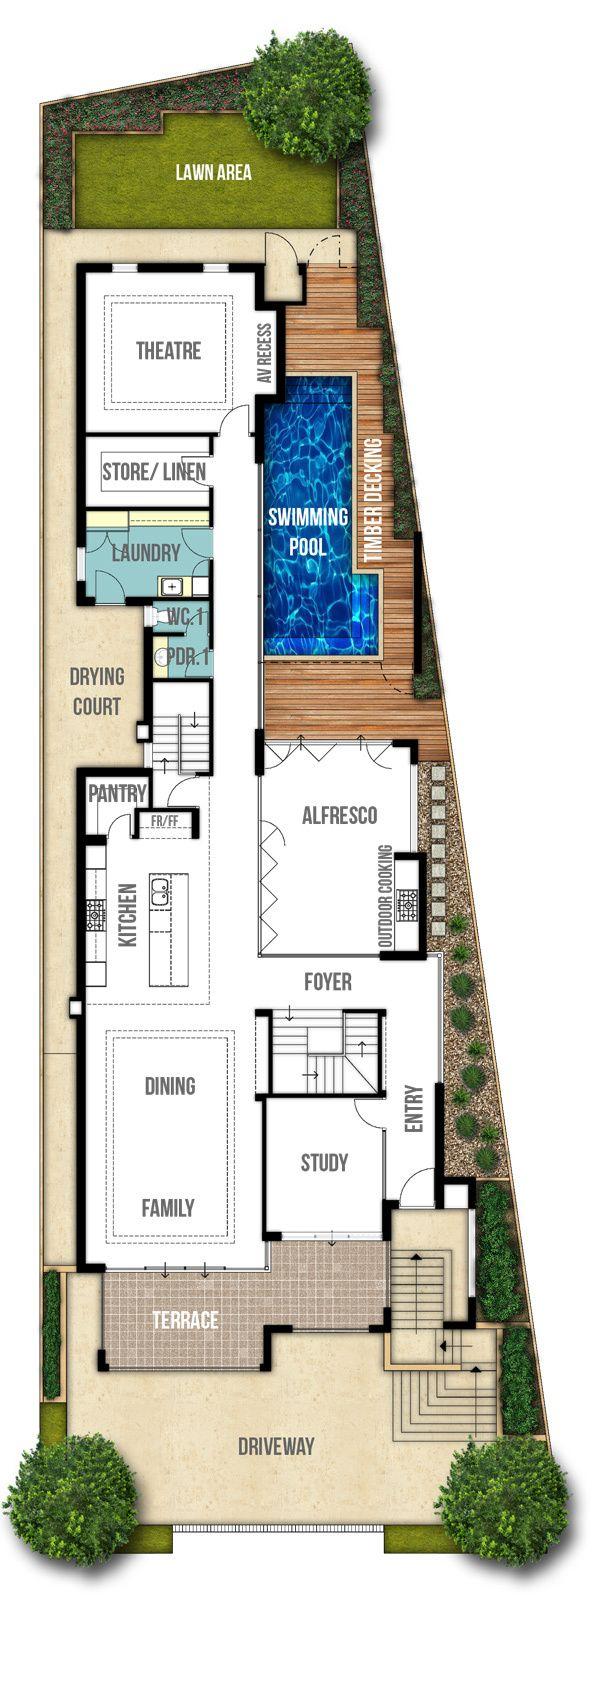 undercroft garage house design ground floor plan house plans undercroft garage house design ground floor plan